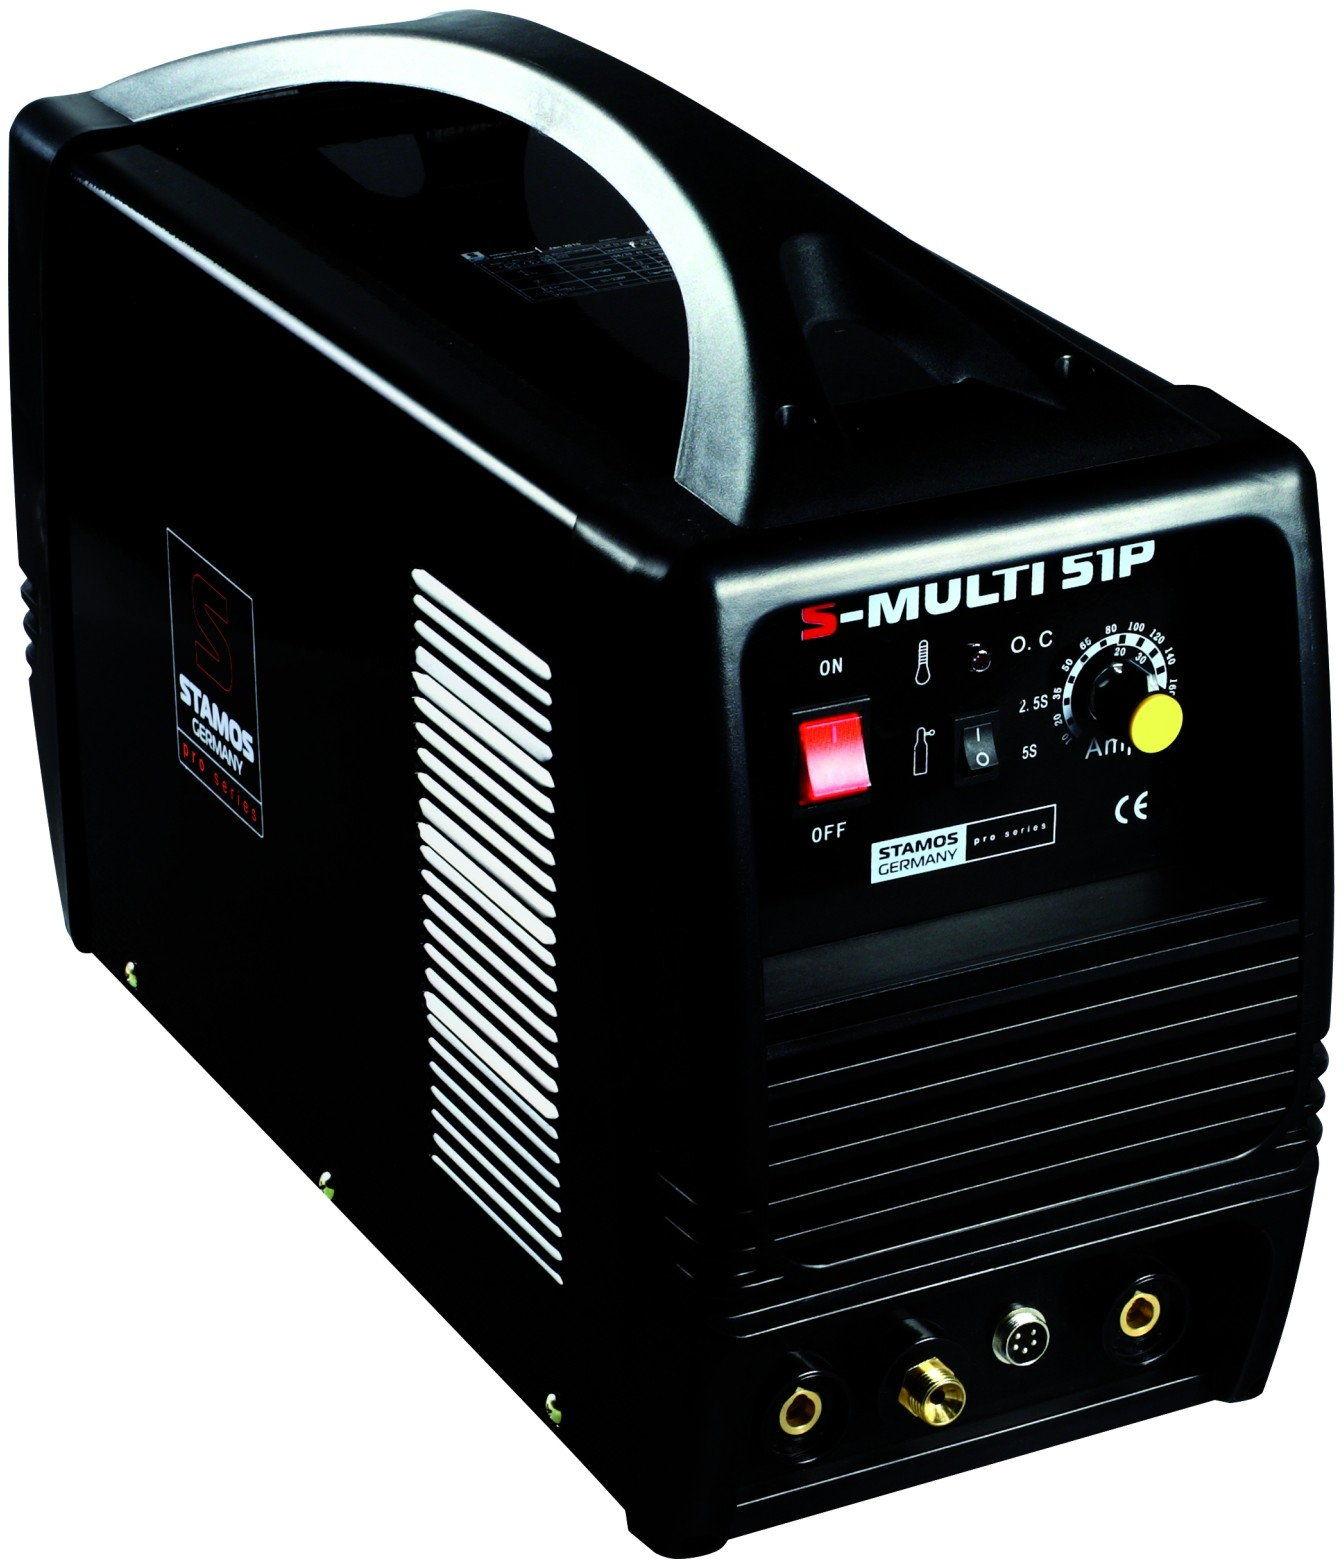 Urządzenie wielofunkcyjne - TIG 180 A - CUT 50 A - MMA - PRO + Maska spawalnicza Carbonic - Stamos Pro Series - S-MULTI 51P - 3 lata